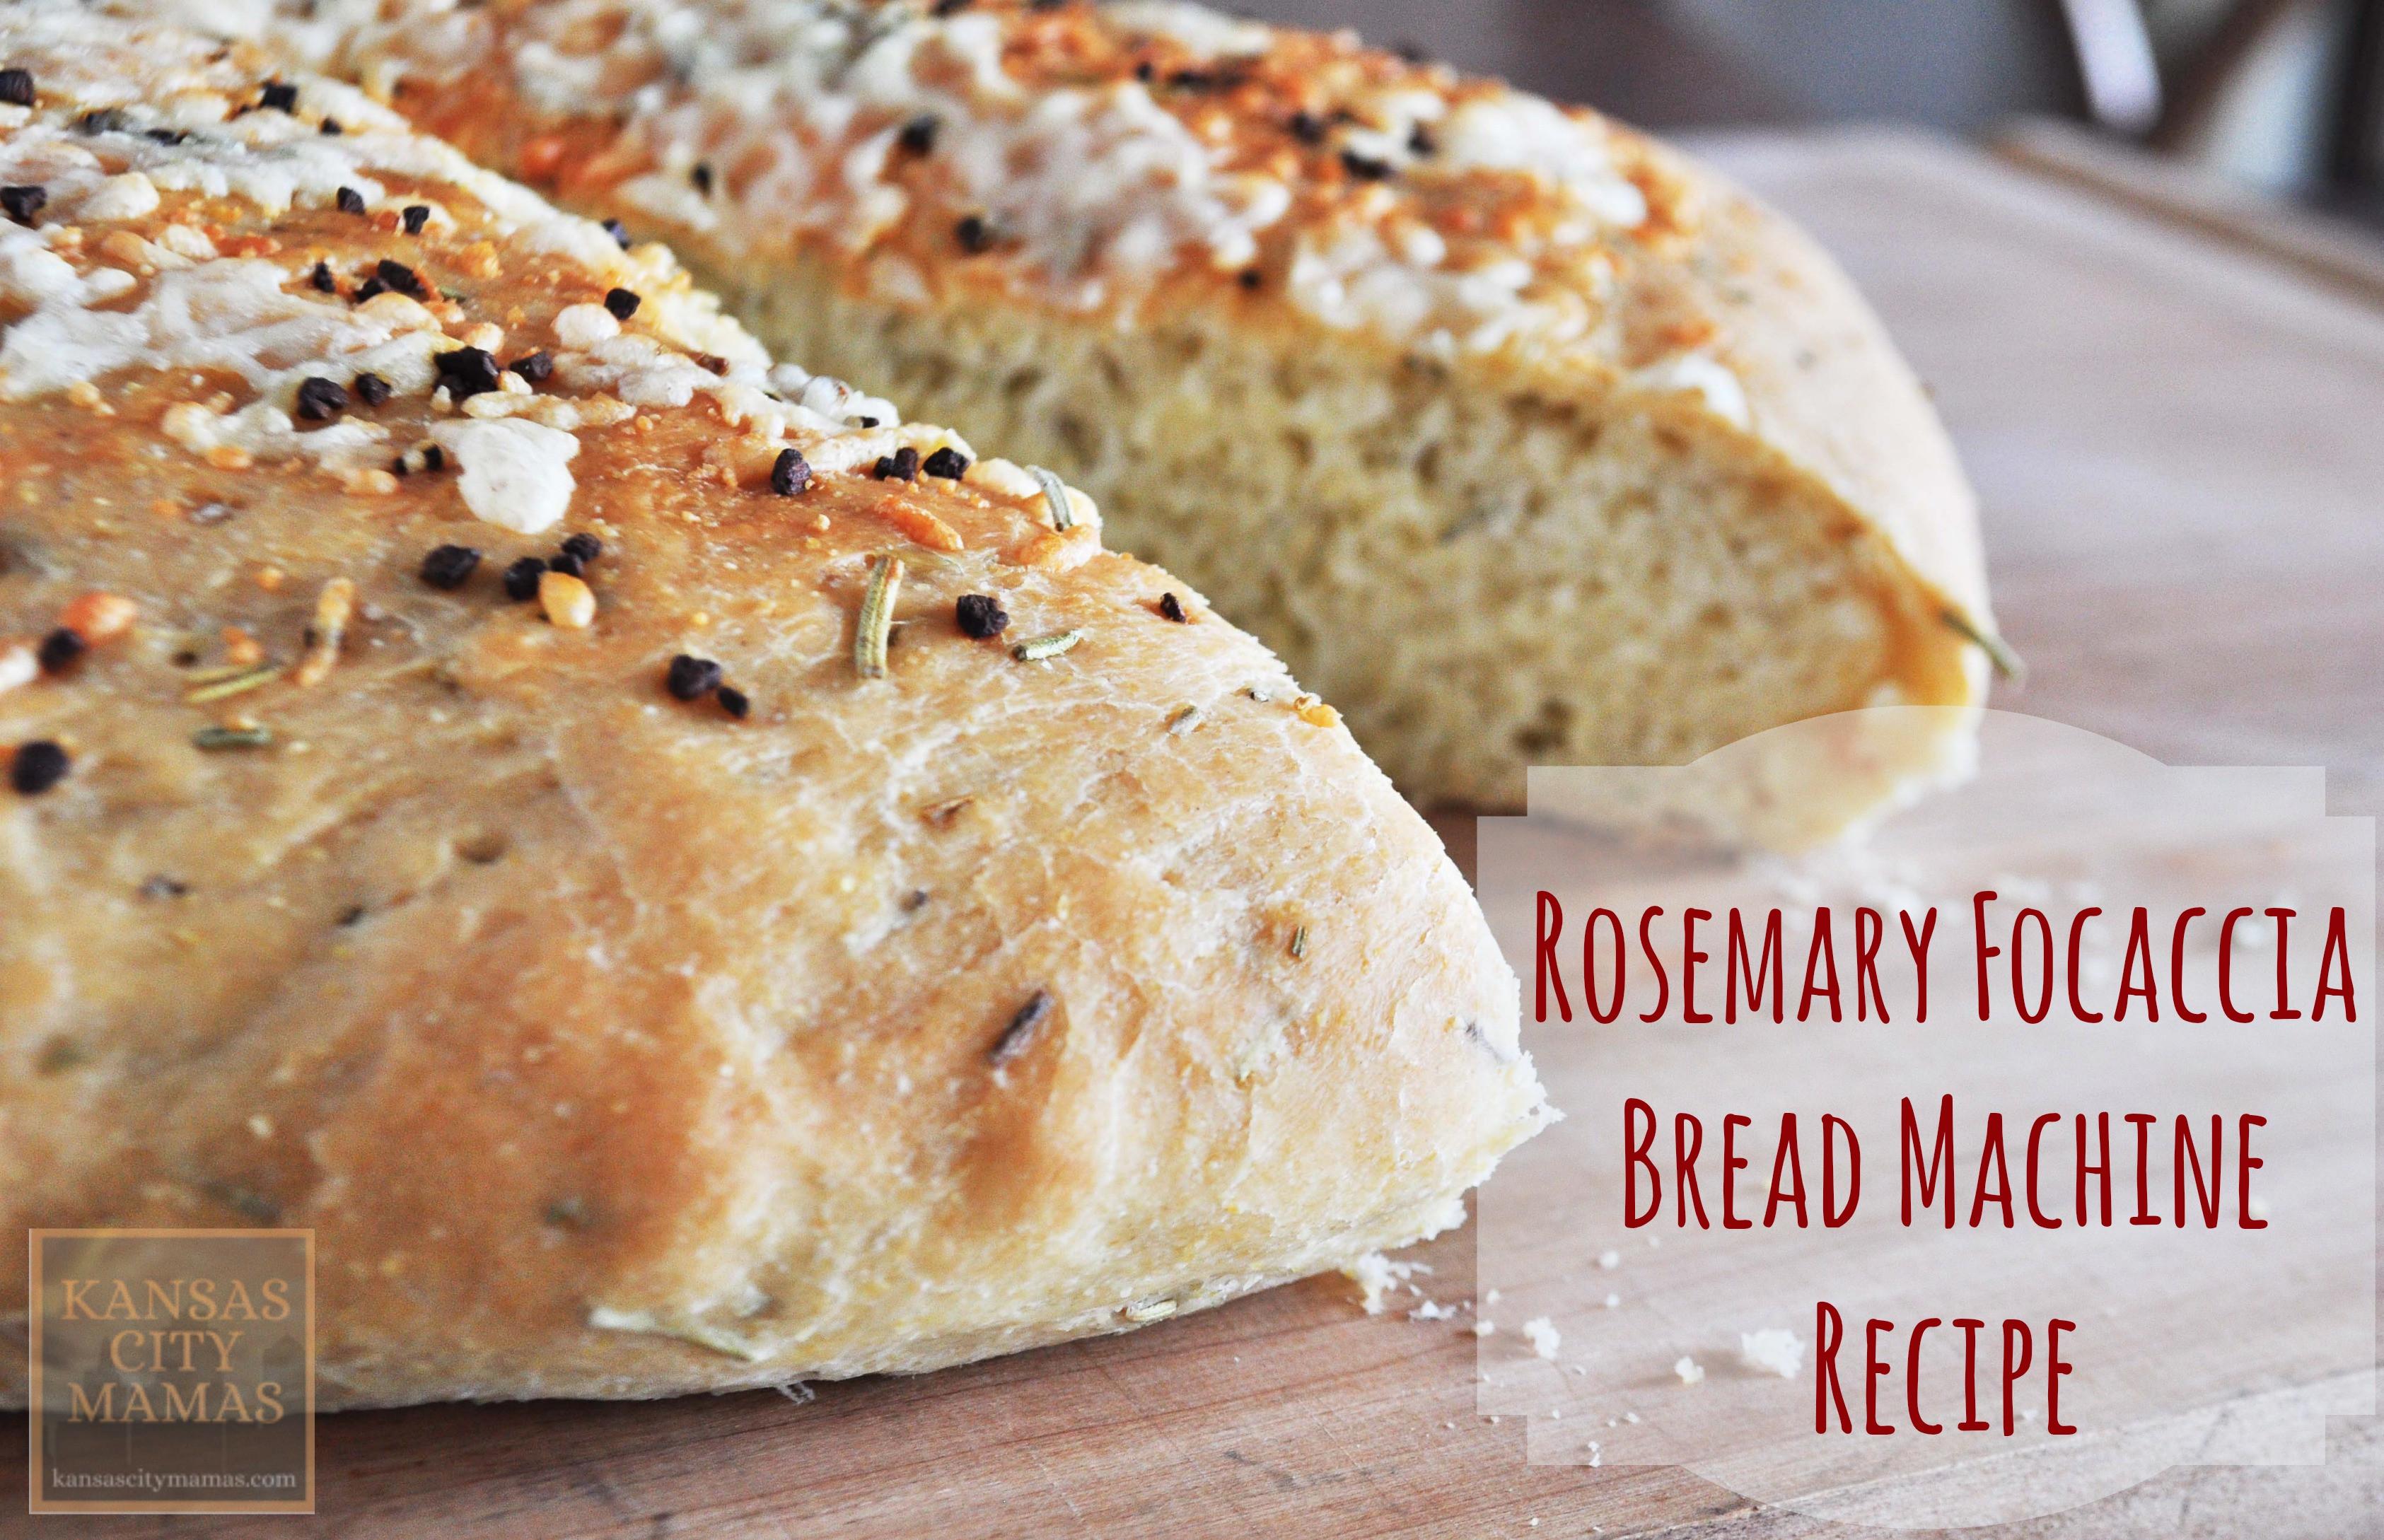 Bread Recipes For Bread Machine  Rosemary Focaccia Bread Machine Recipe